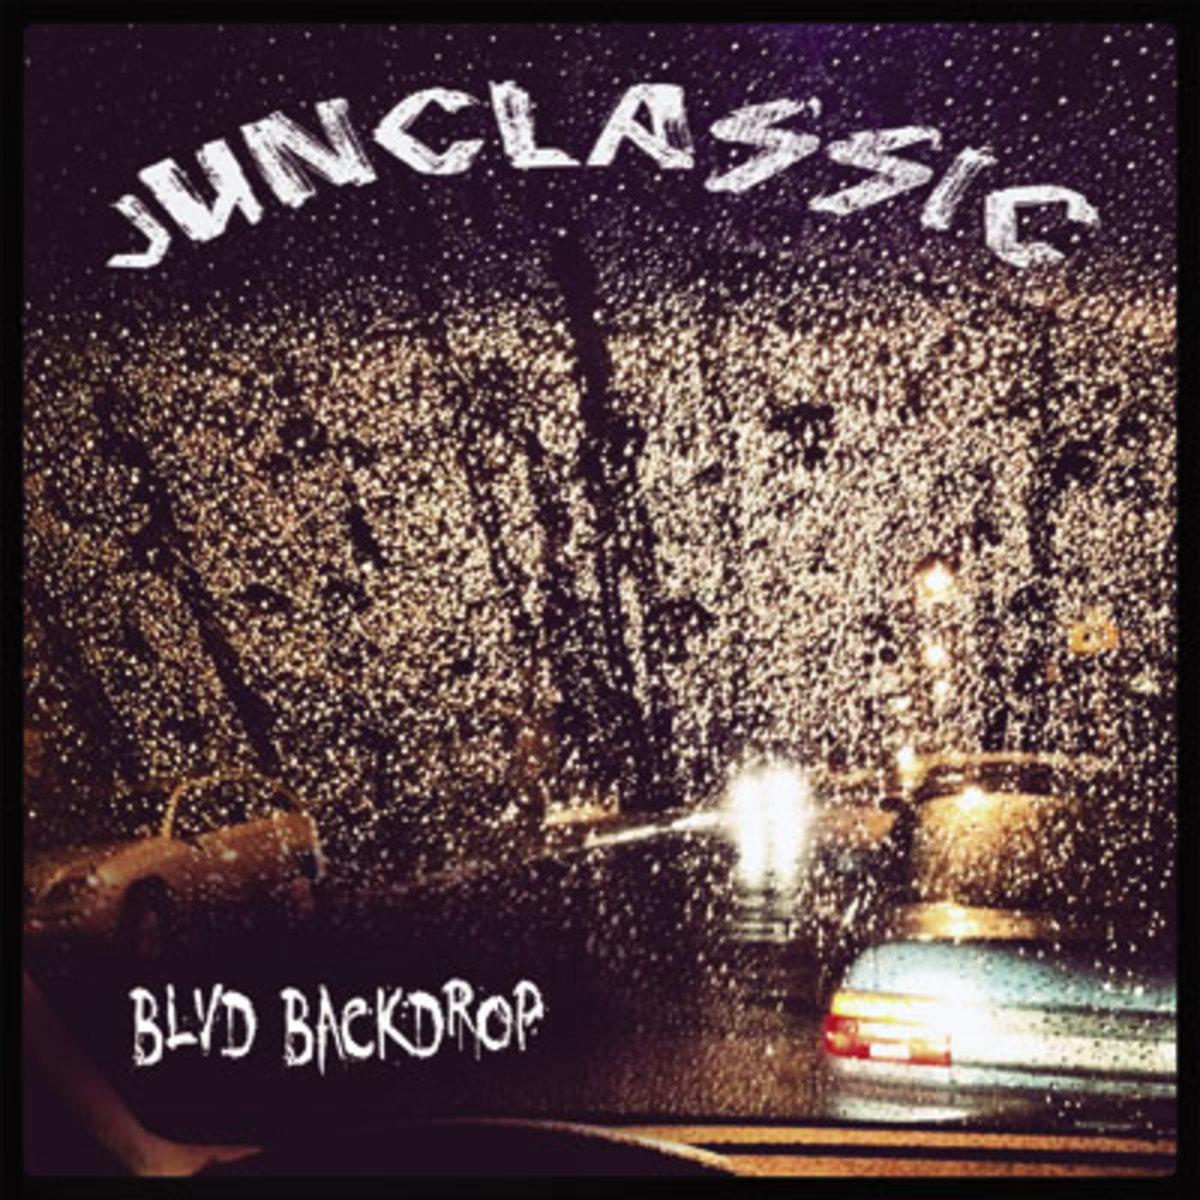 junclassic-blvdbackdrop.jpg